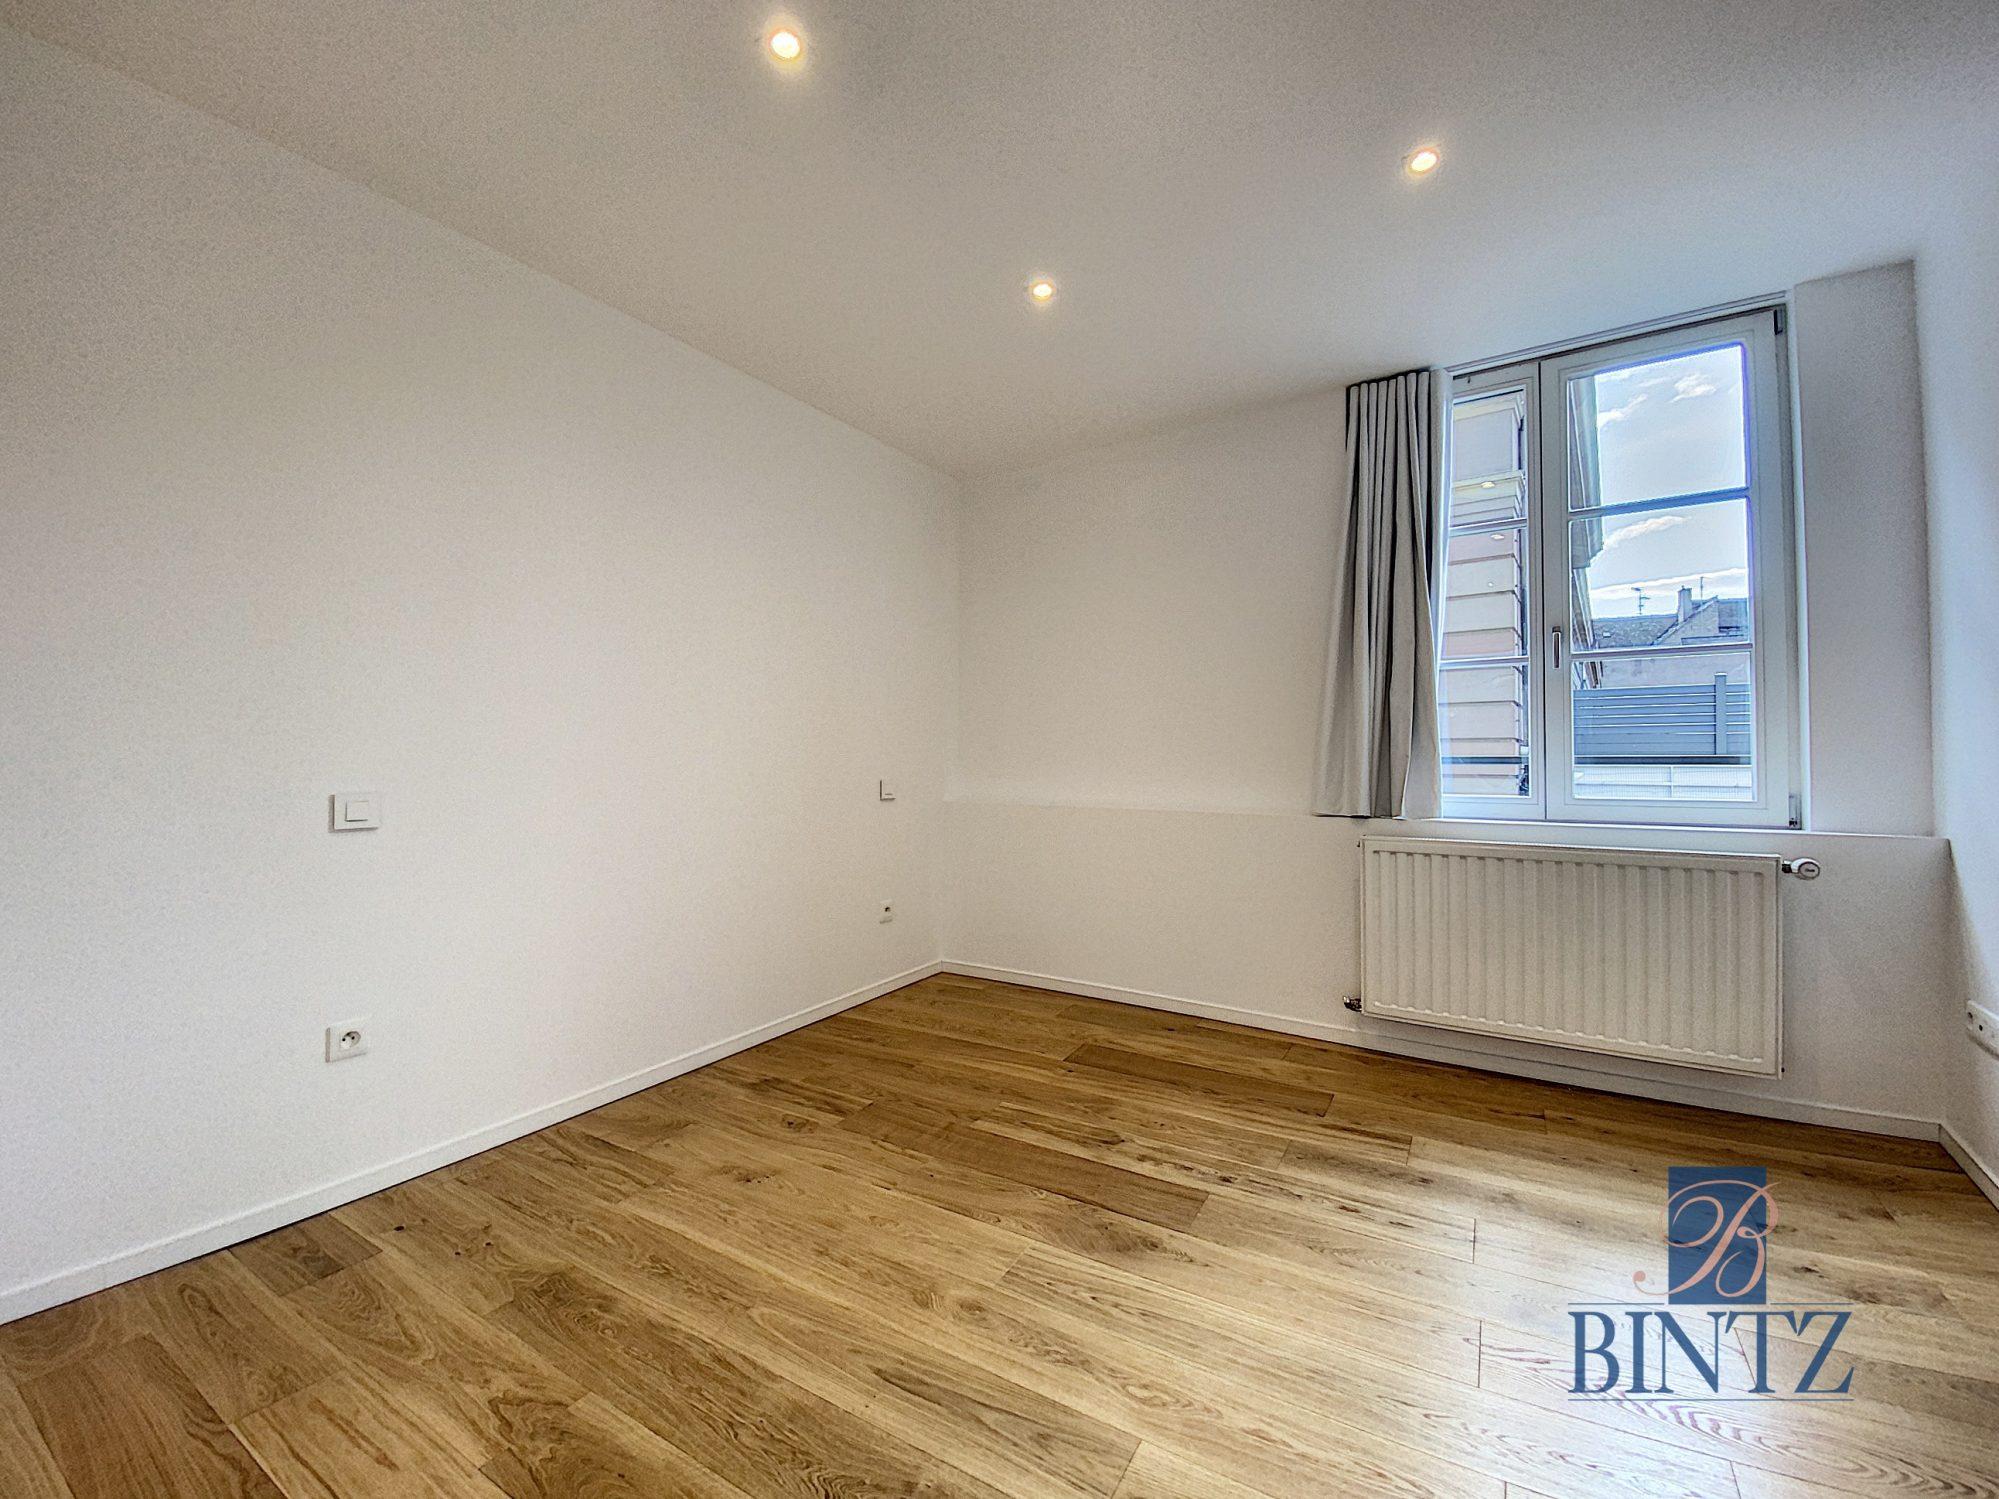 5 pièces d'exception face à la mairie - Devenez locataire en toute sérénité - Bintz Immobilier - 20